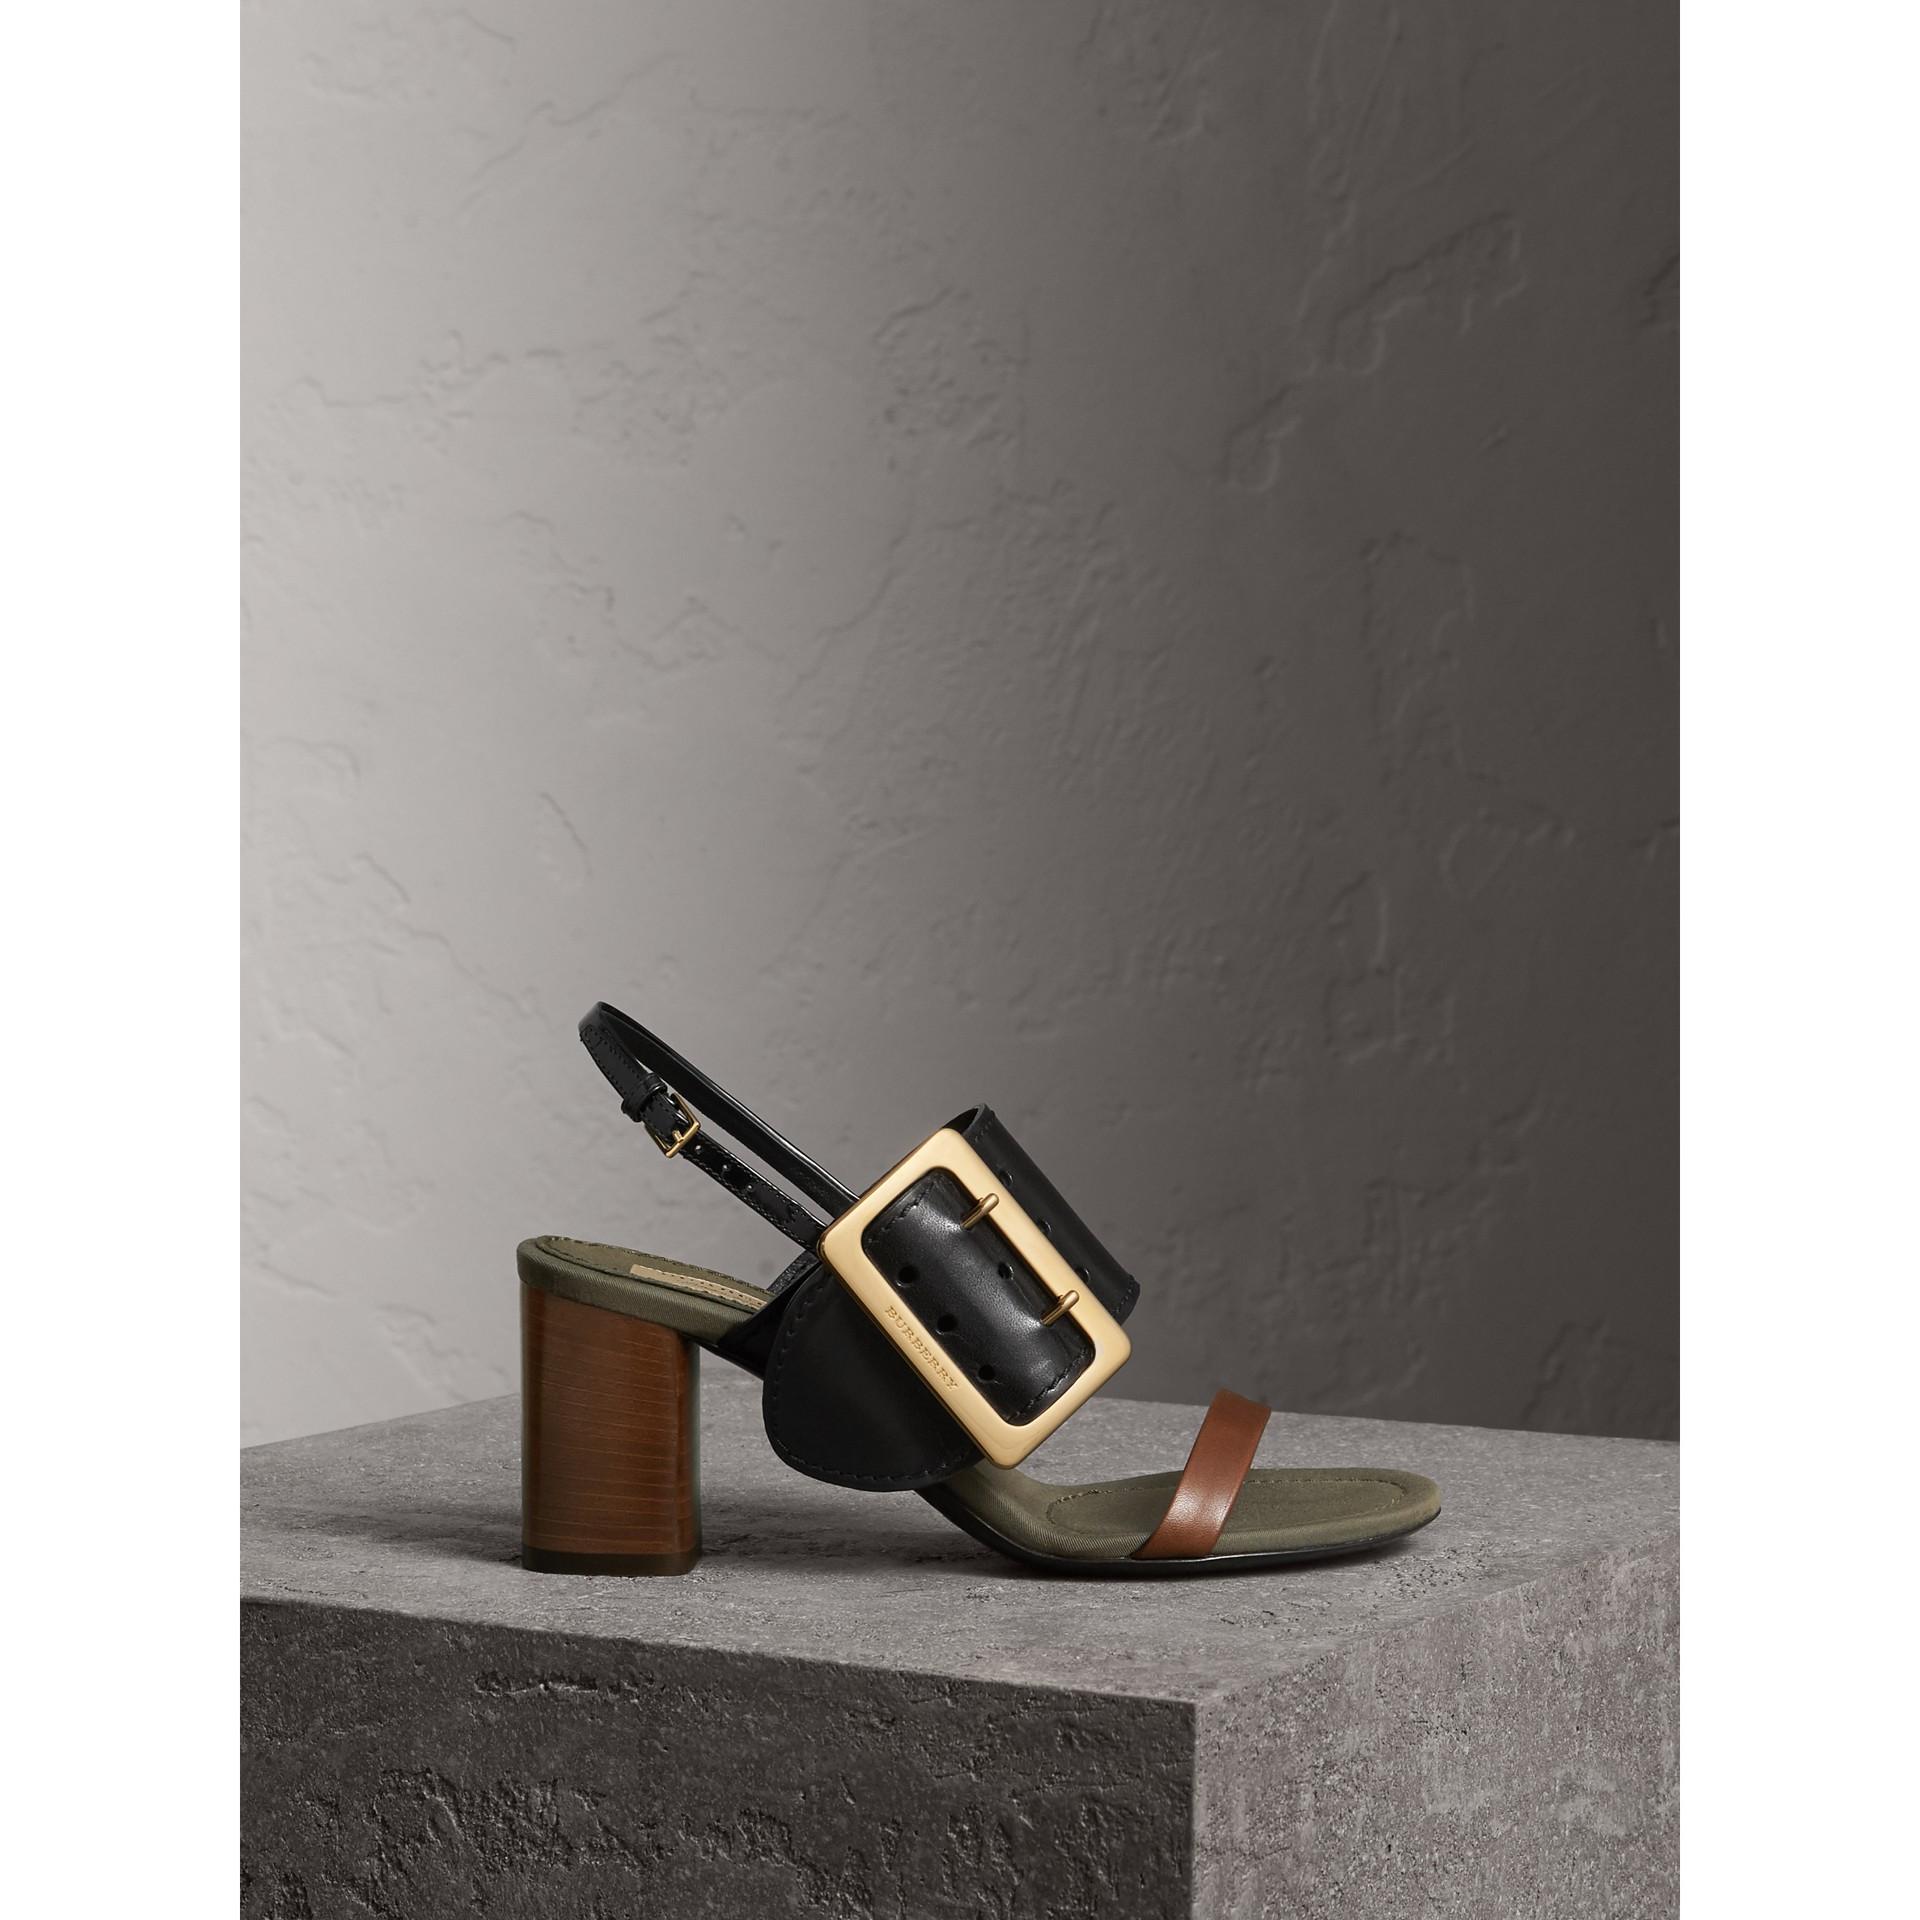 Sandalias en piel con detalle de hebilla grande (Negro) - Mujer | Burberry - imagen de la galería 1